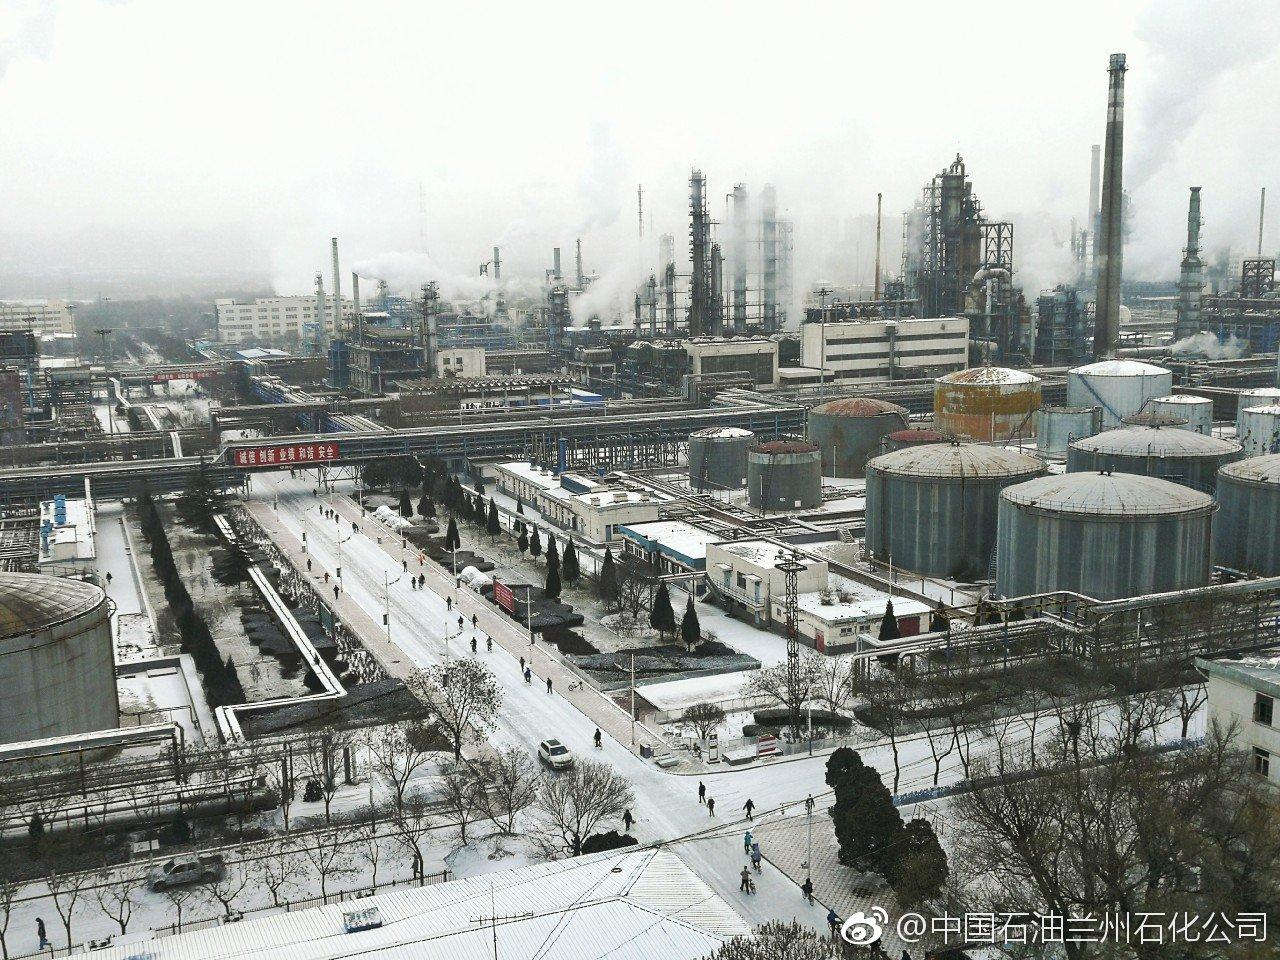 冬季雪天兰州石化加强管控保证安全生产